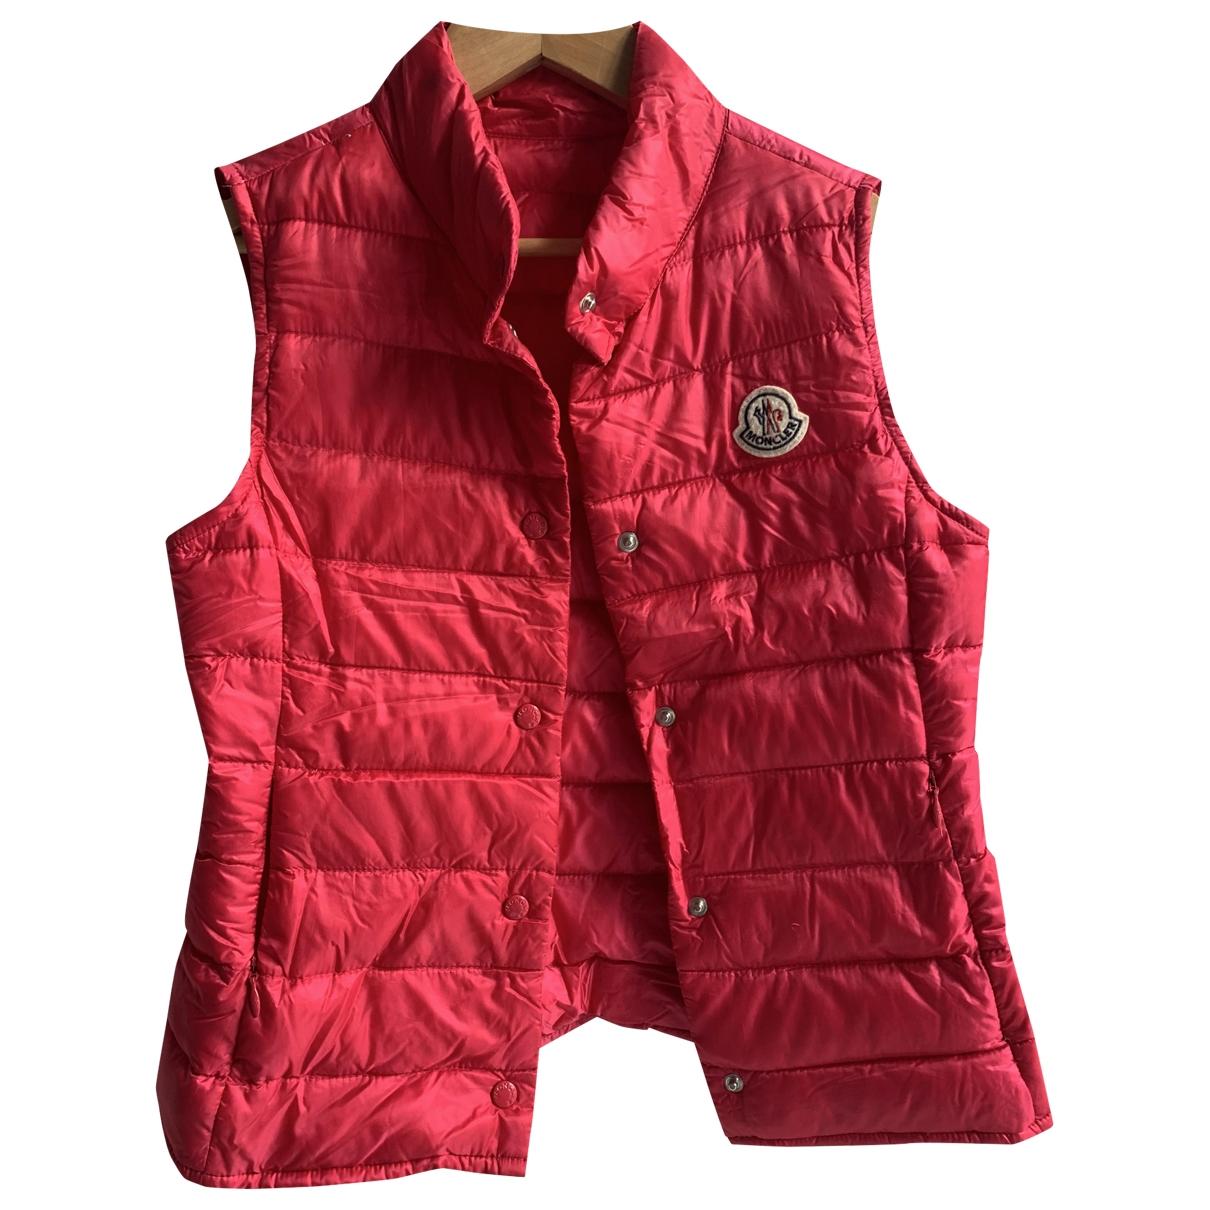 Moncler - Blousons.Manteaux Sleeveless pour enfant - rose